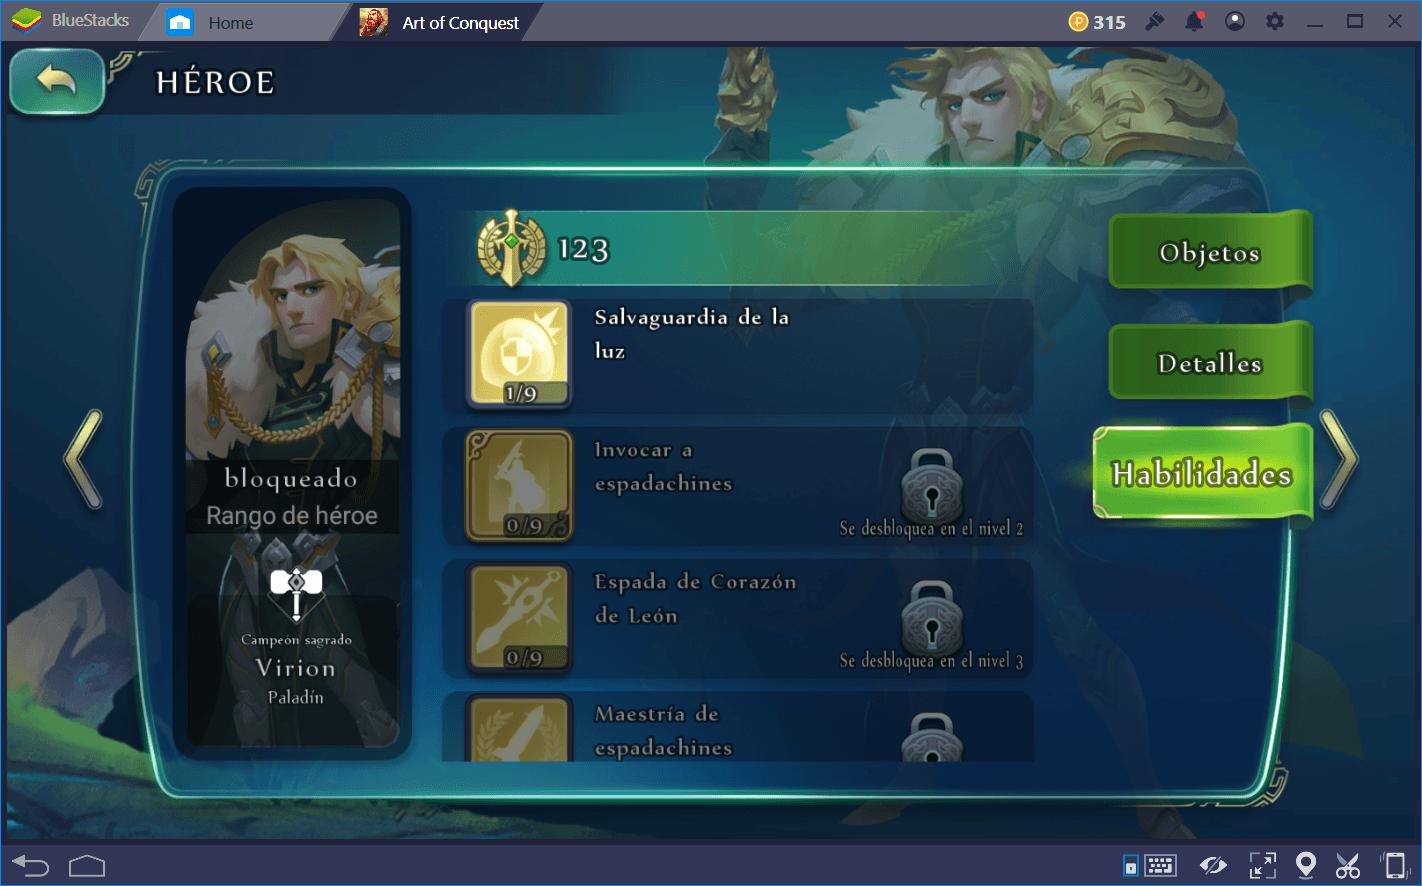 Art of Conquest (AoC): Héroes que Puedes Obtener de Forma Gratuita